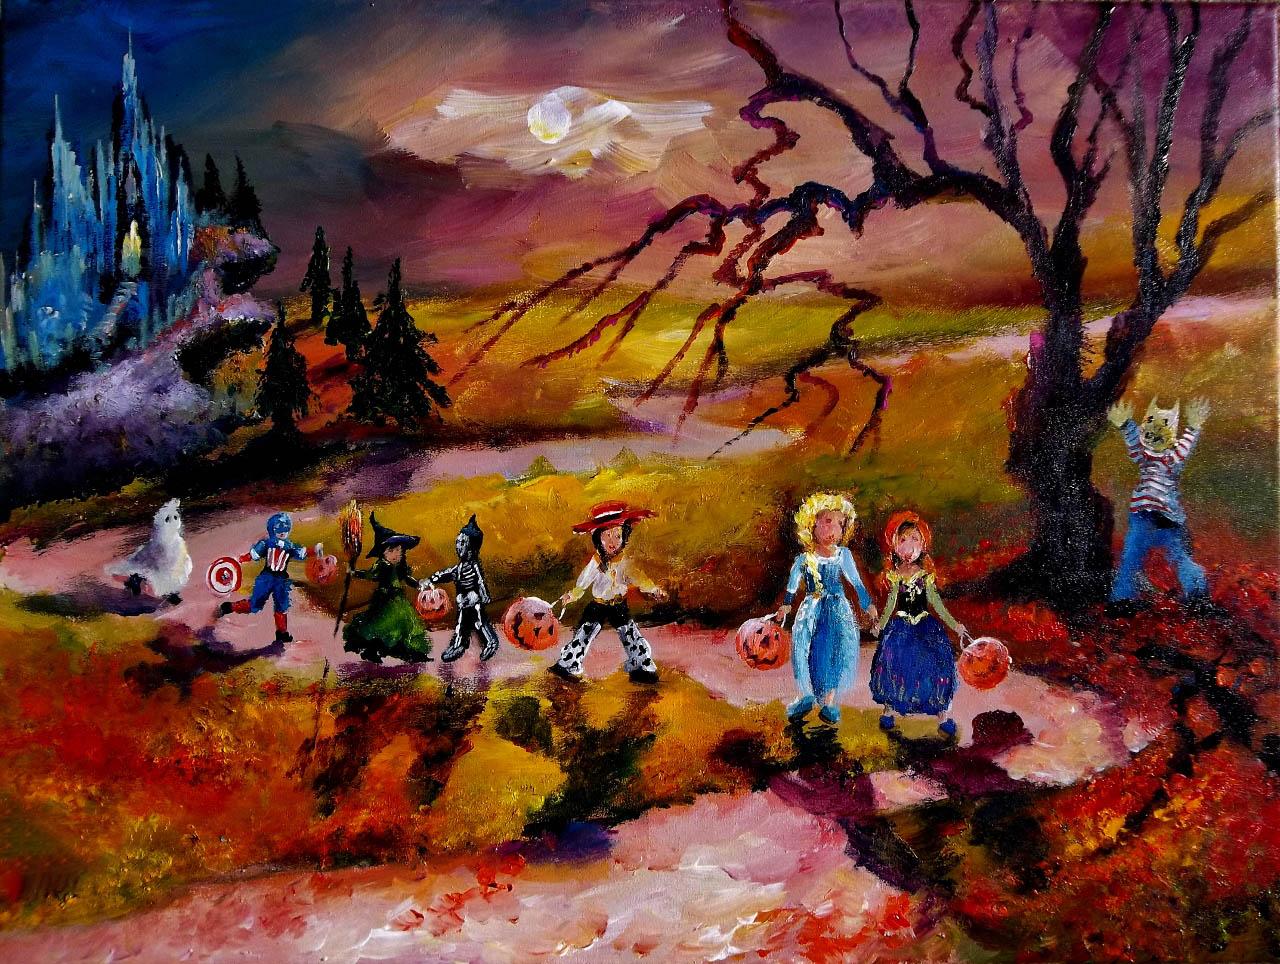 Tranh sơn dầu halloween đẹp